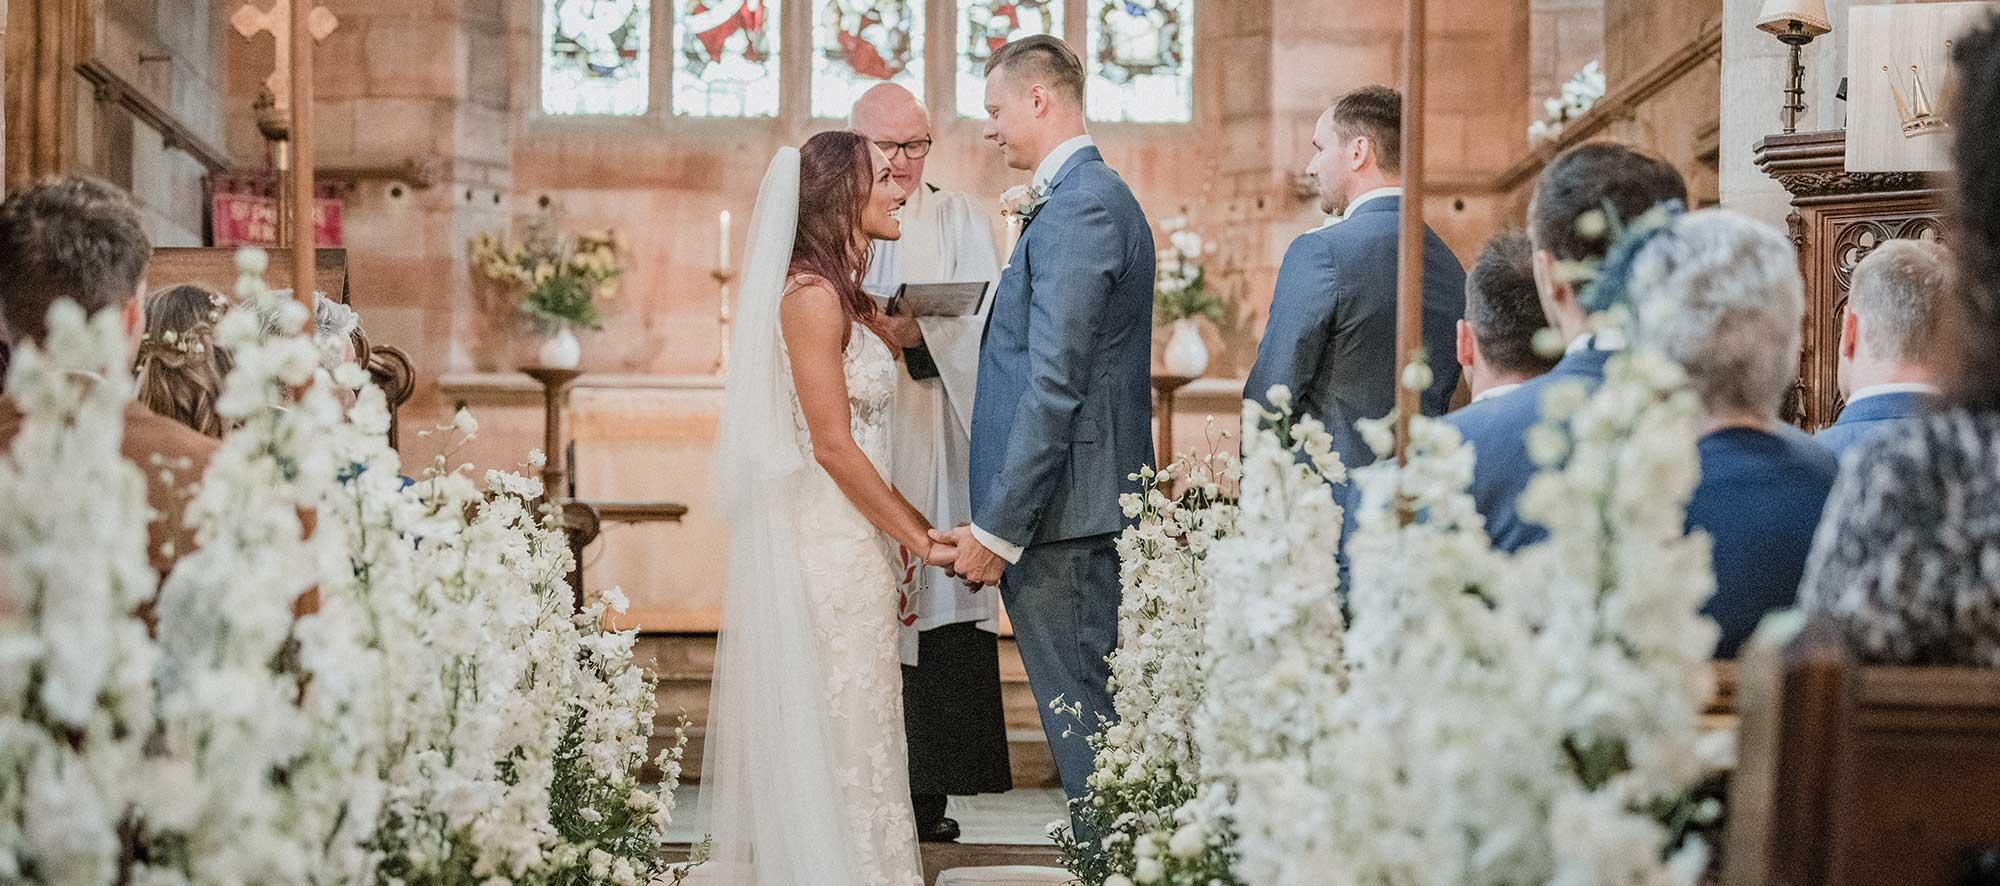 Wedding at St Peter's church at Arley